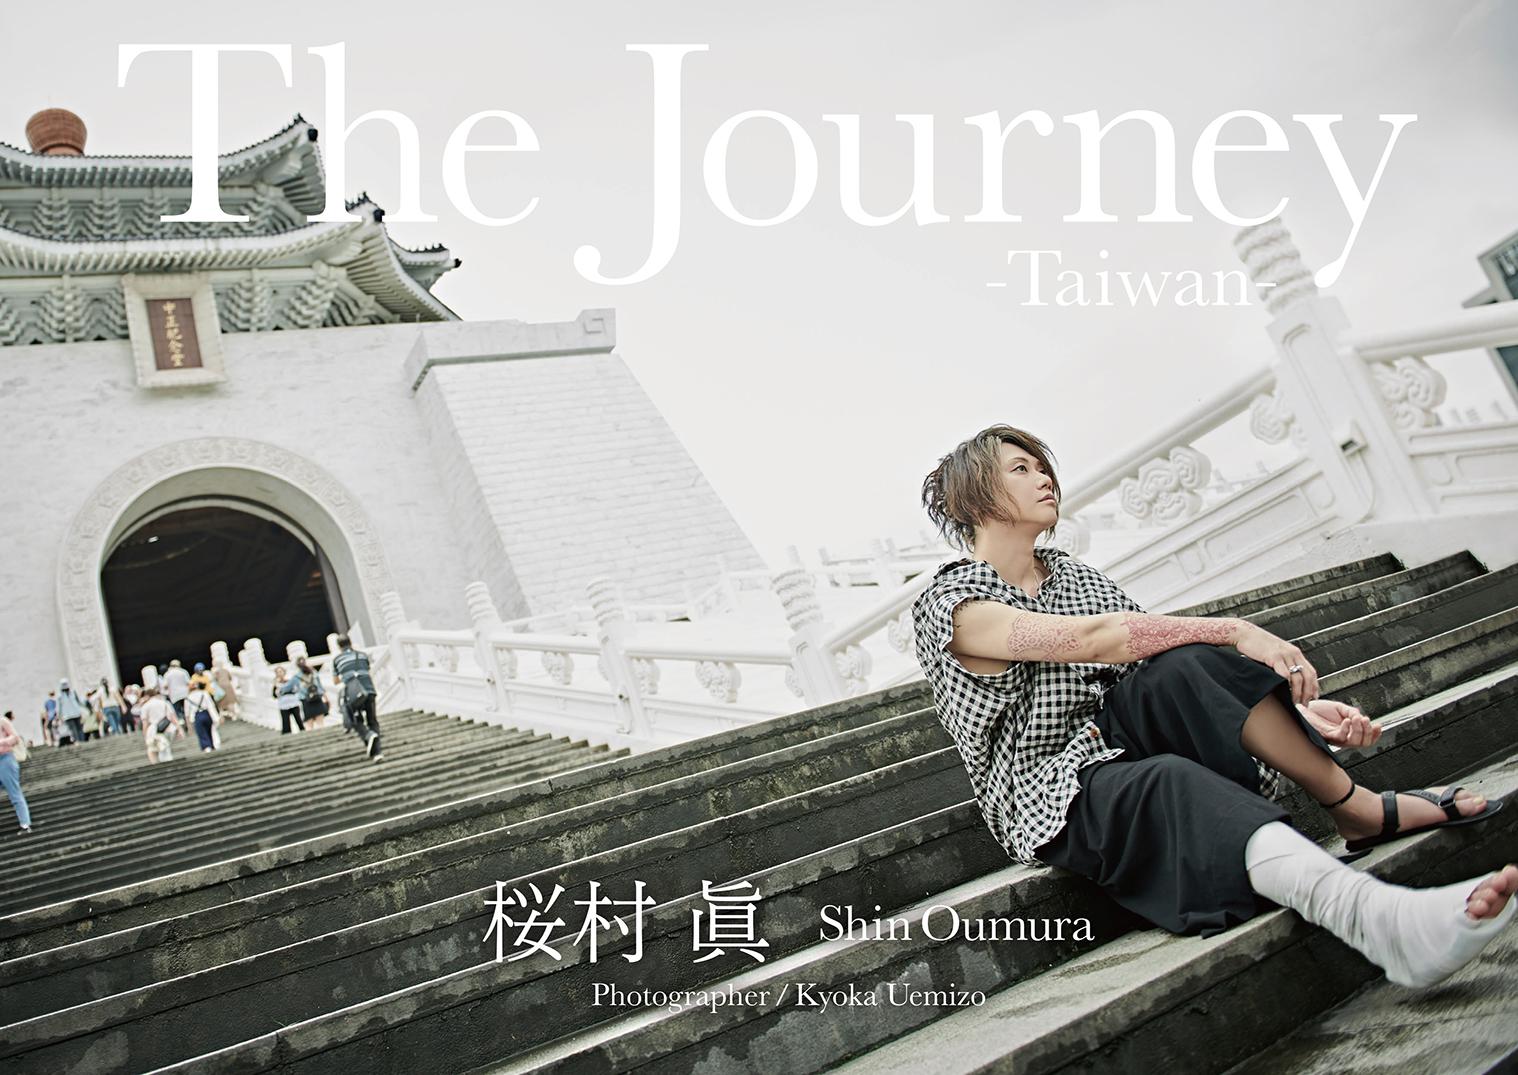 桜村眞『The Journey -Taiwan-』